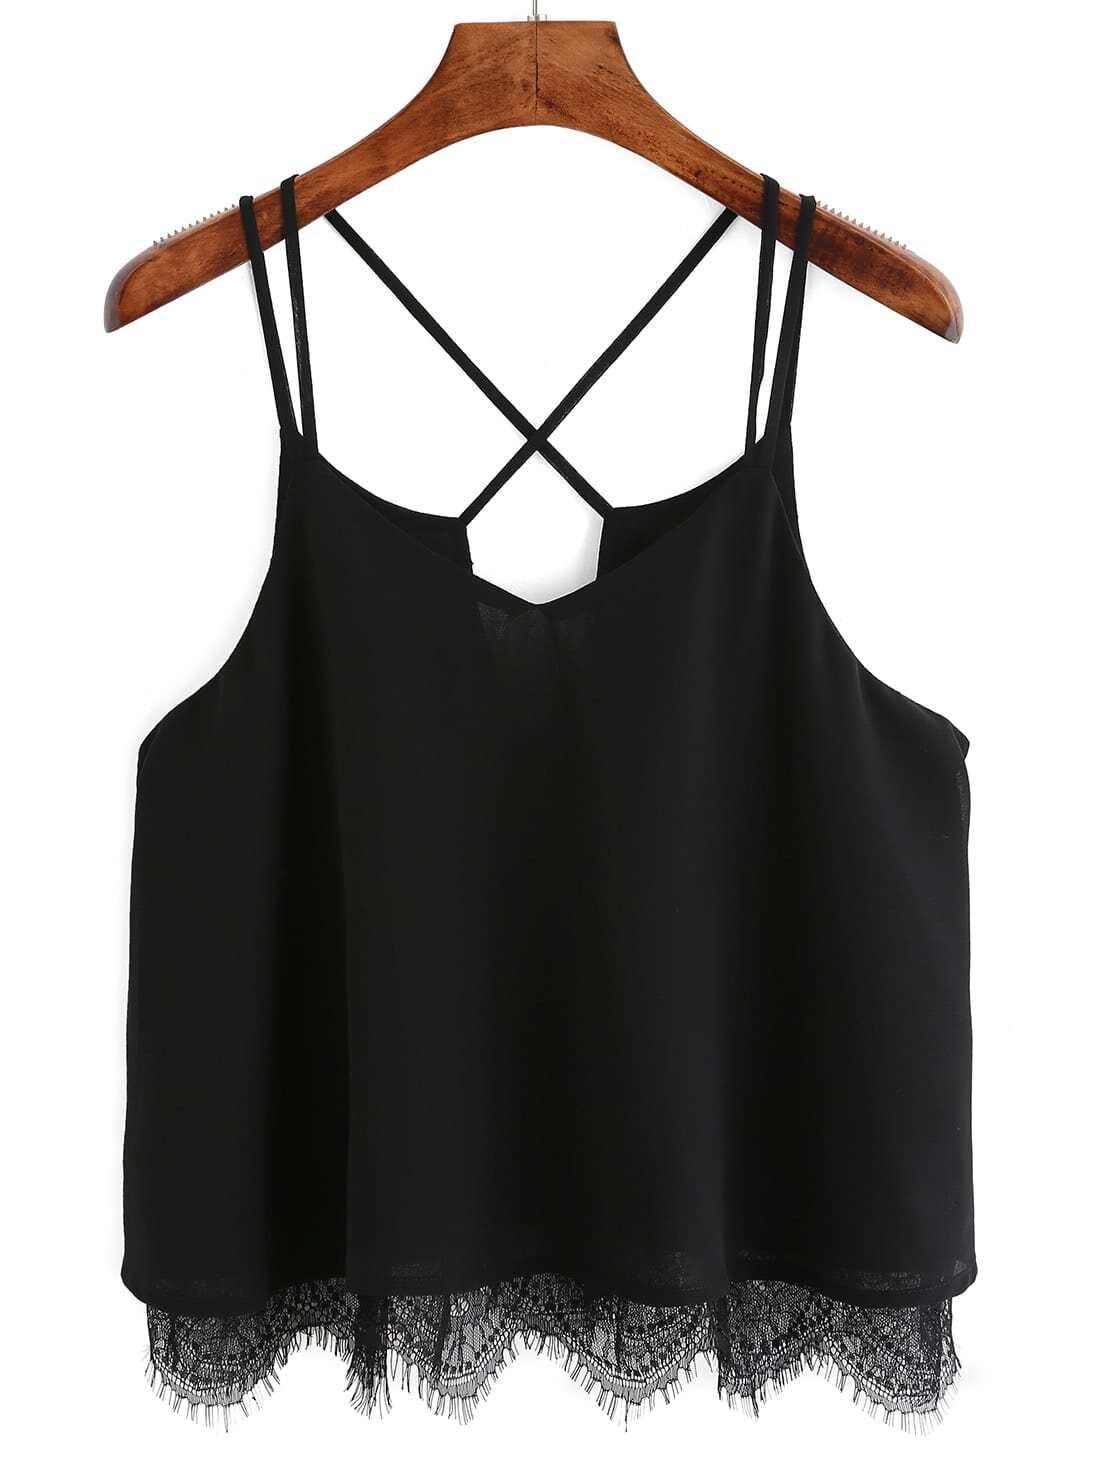 Black Spaghetti Strap Lace Cami Top vest160127001